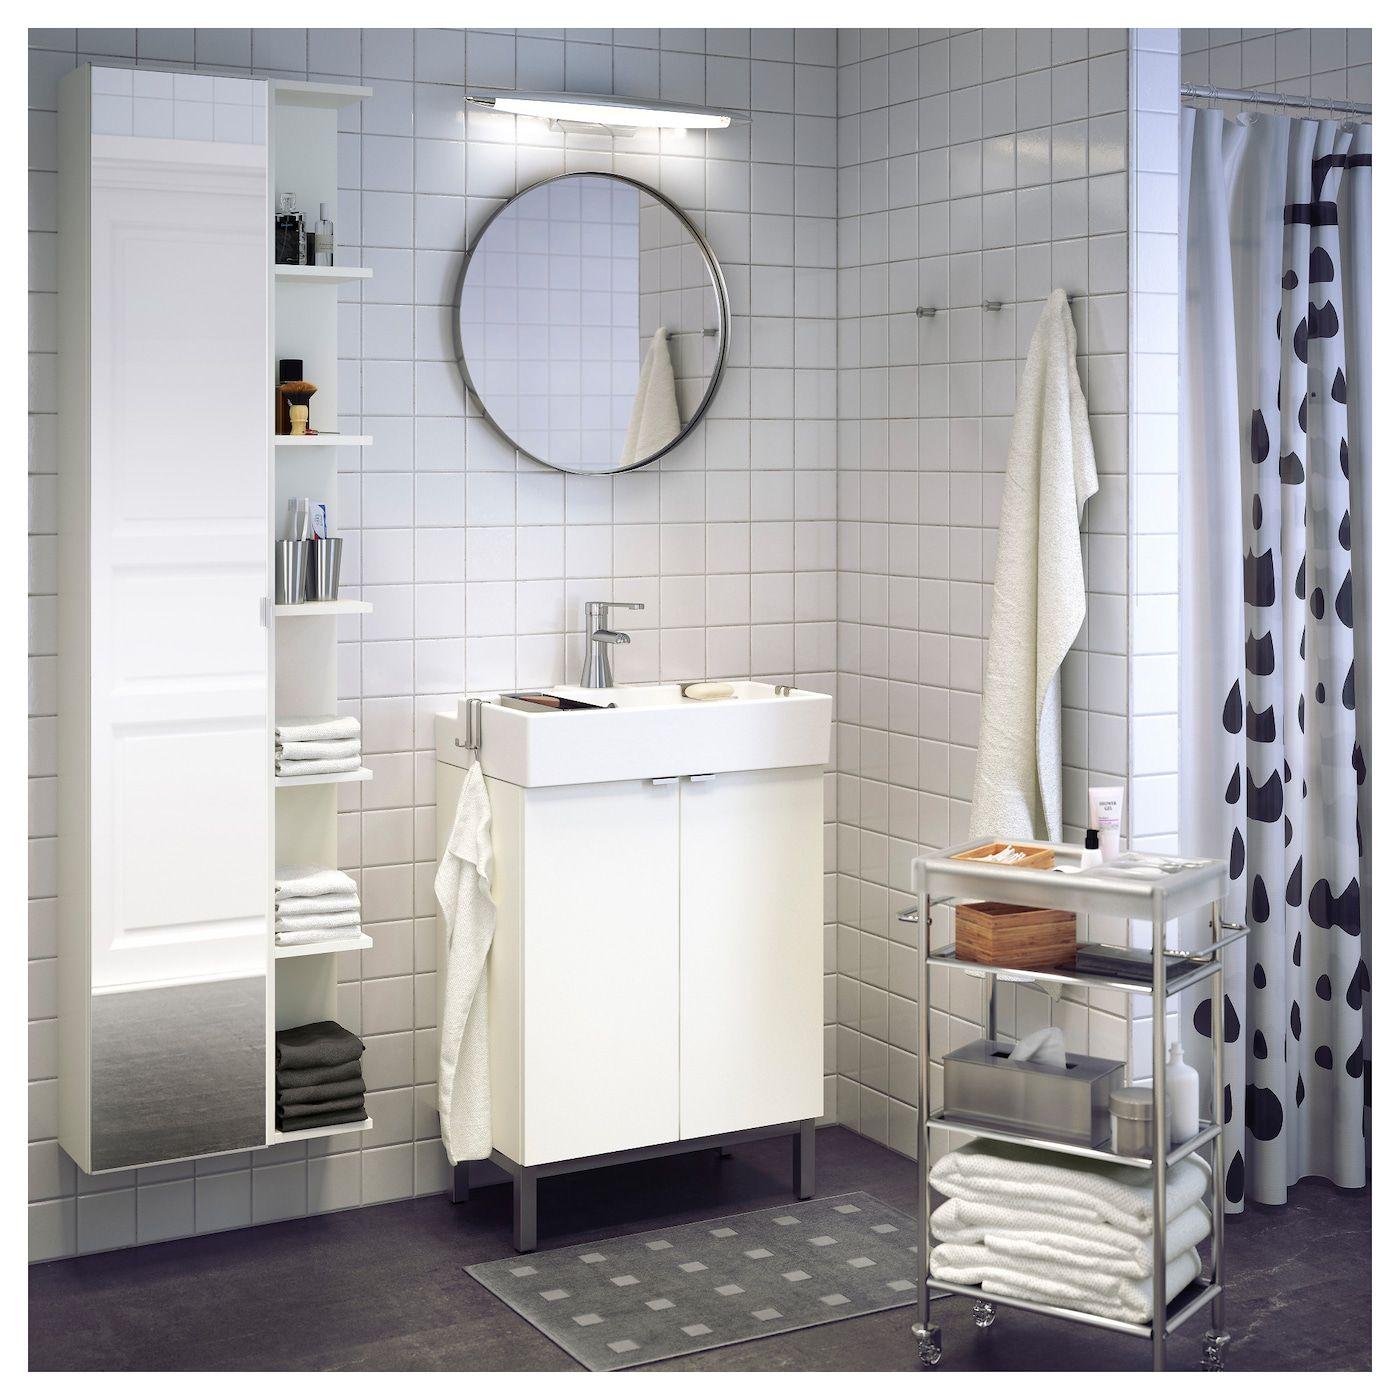 Mobile Bagno Ikea Immagini lillÅngen mobile alto con anta a specchio - bianco 30x21x179